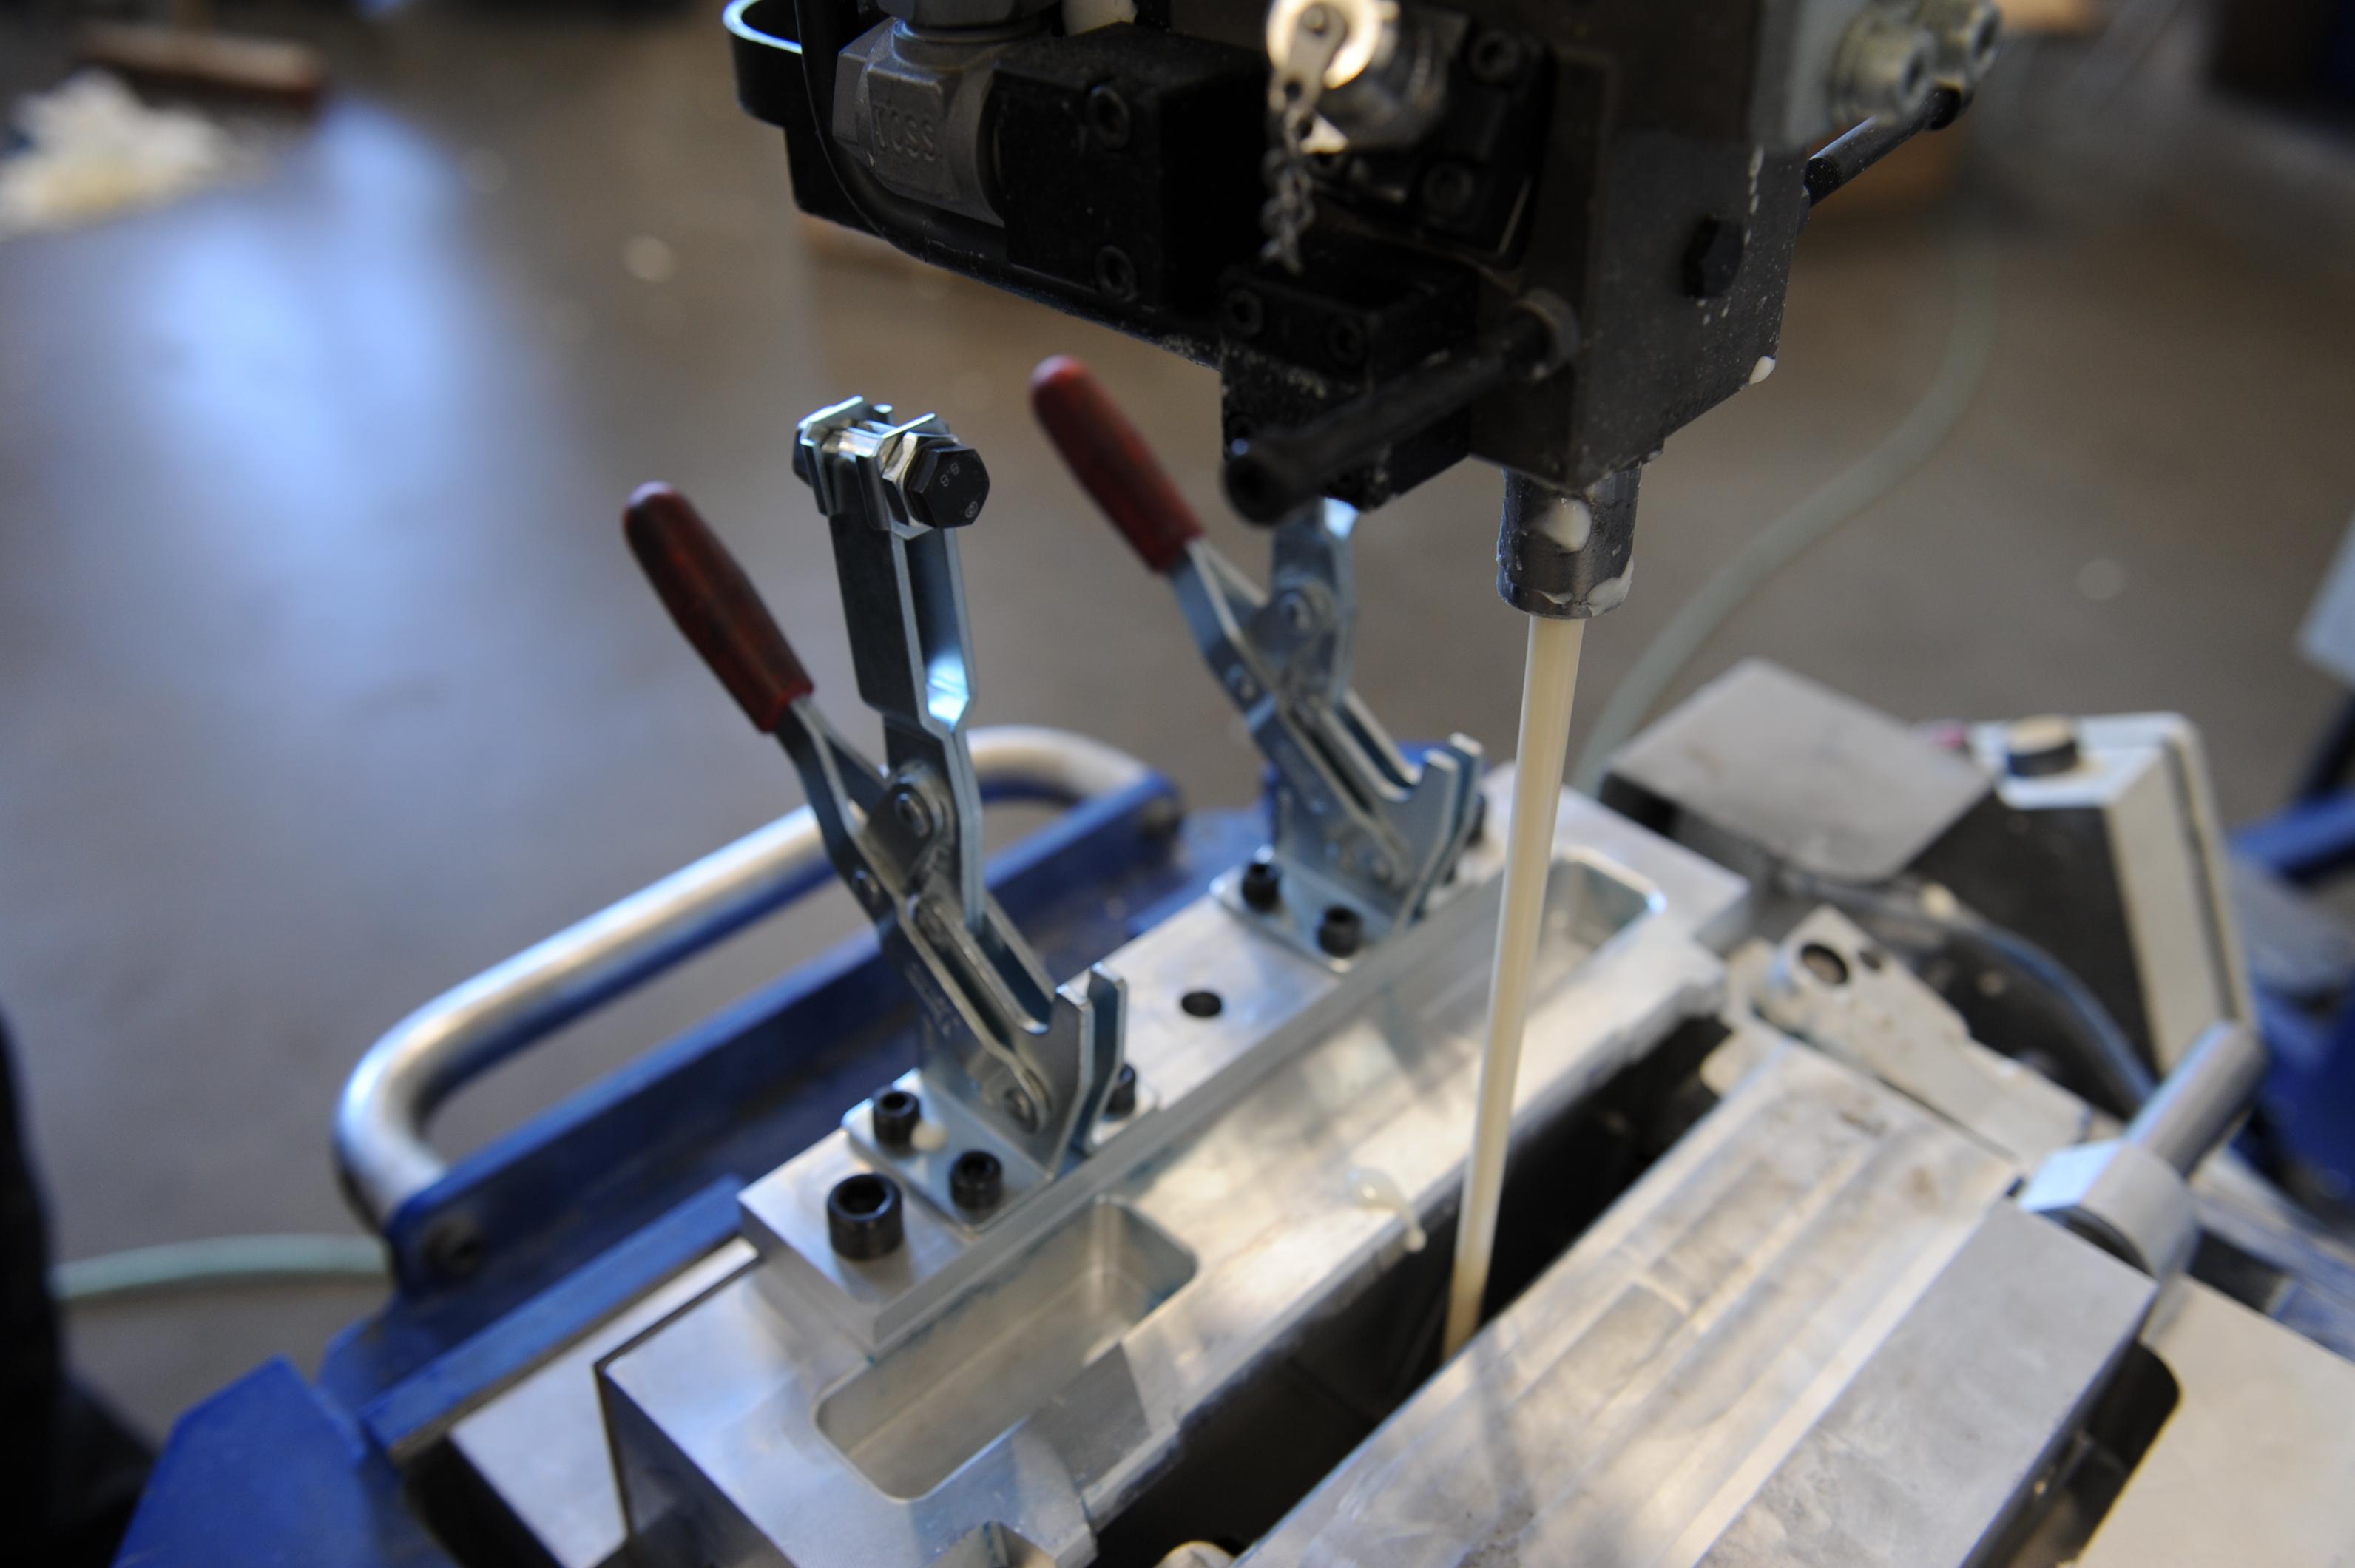 Druch eine Angussklappe wird der PUR Schaum in ein Schäumwerkzeug gespritzt. Wir verwenden moderne Variodüsen